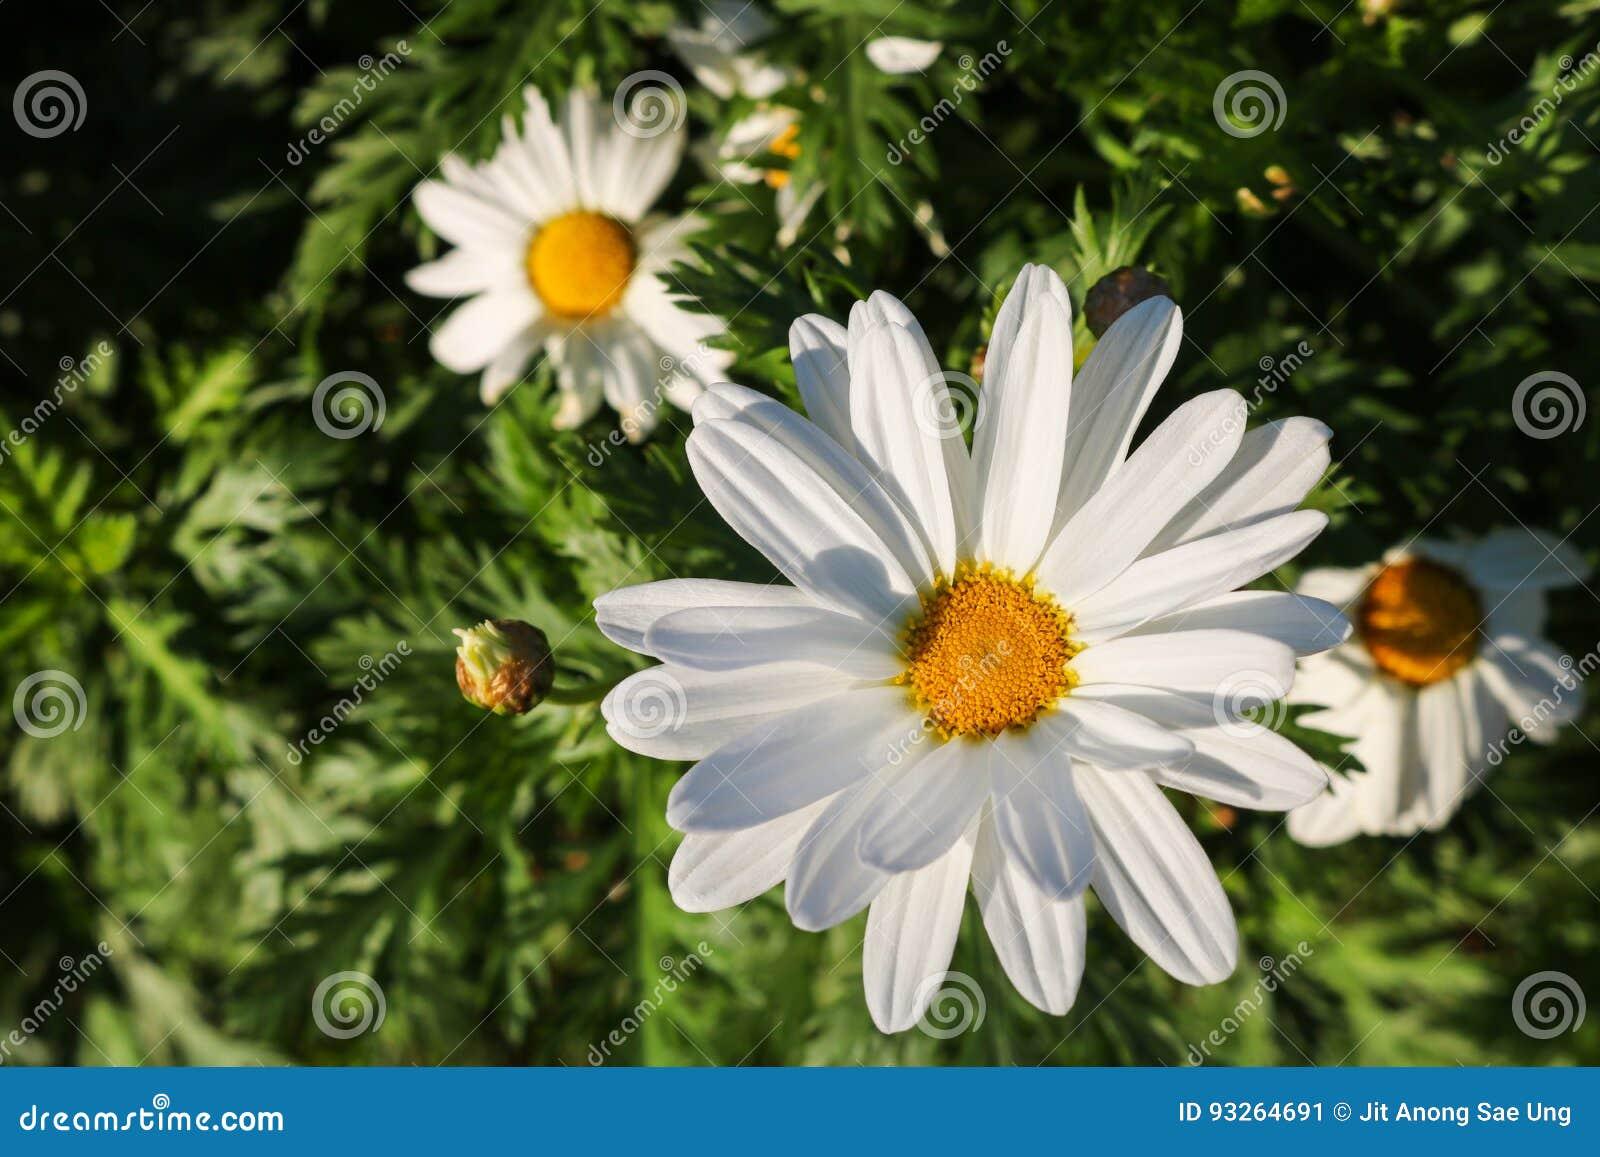 Die Gänseblümchenblume symbolisiert Unschuld, eine loyale Liebe und gentlene